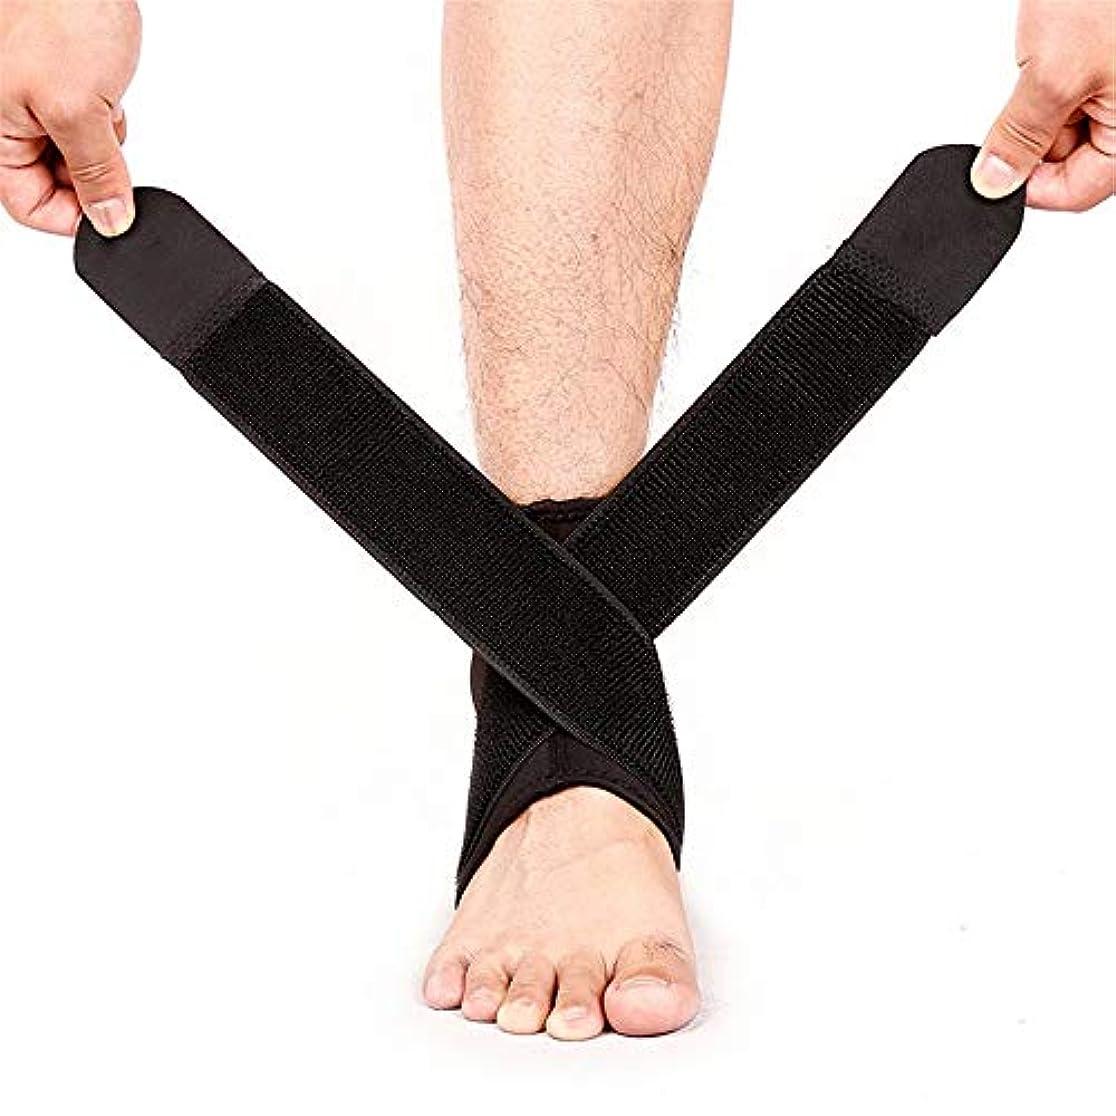 普及取るに足らないフィットネス足首サポート、圧縮弾性高保護スポーツ調節可能な通気性安全足首ブレース足首関節